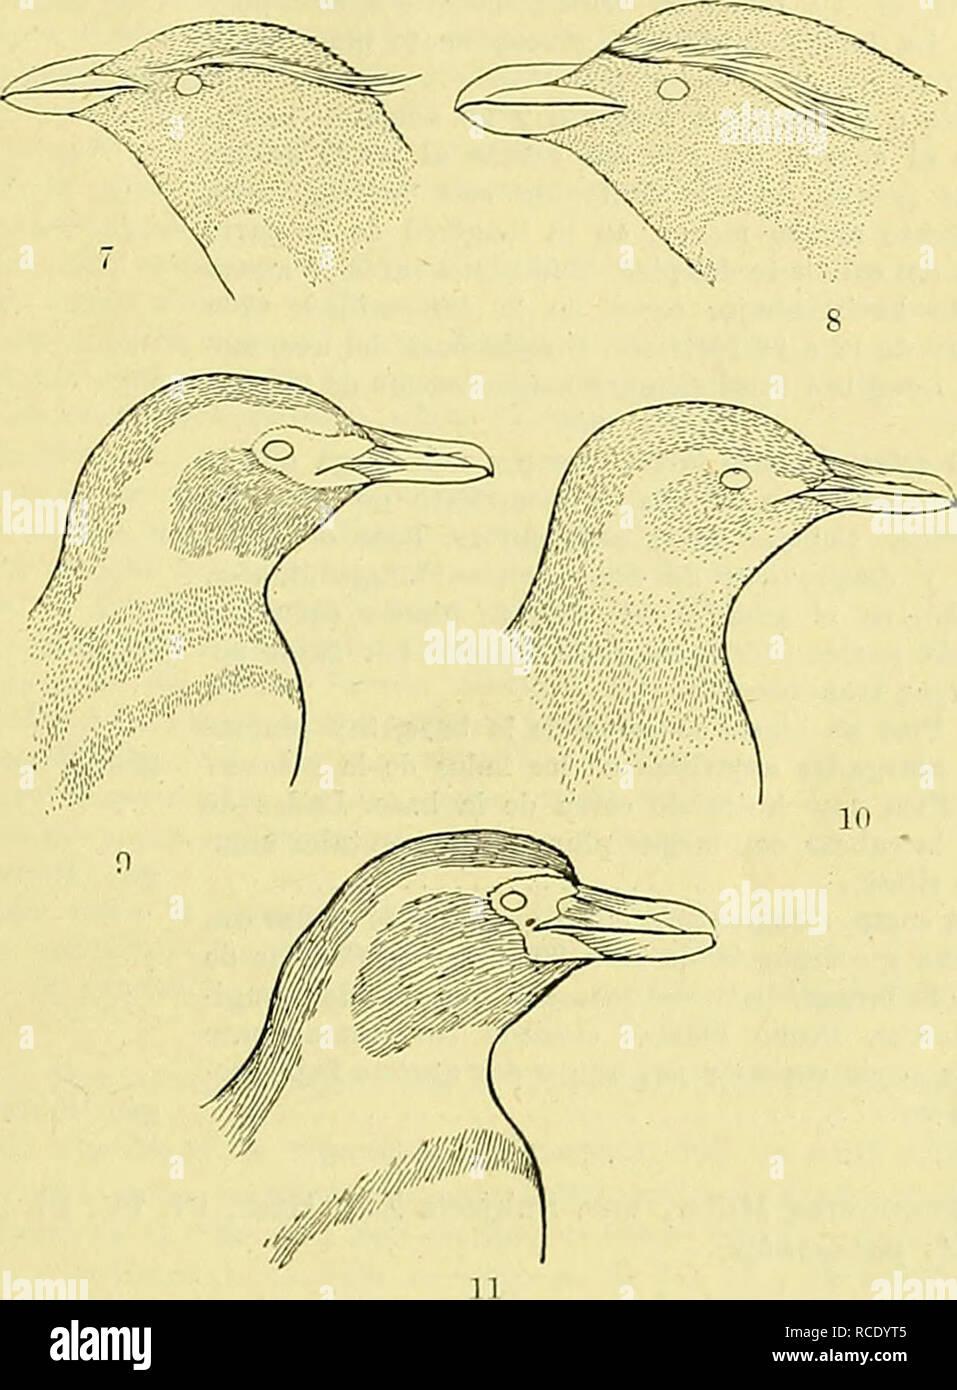 . El Hornero. Birds. I 1920 R. Dabbene: Pingüines de las cosías e islas argentinas Durante la época de la reproducción, se reúnen en número extraordinario, pudiéndose contar por centenares de miles los individuos que componen las roke- rías establecidas genei-almente en las islas más remotas esparcidas al sur de los océanos Indico y Atlántico y sobre las playas desoladas del continente antartico.. 7. Etiditiites cliri/Hocoiite iiigñvevtis Goulíl. 8. Eudtjptea chrijsolophus (Brandt). 9. SpheiiisciiA mttgellauici/s ' (Forster) (adulto). 10. SpheniscvJi magttUanicua (Forster) (joven). 11. Sphenis - Stock Image